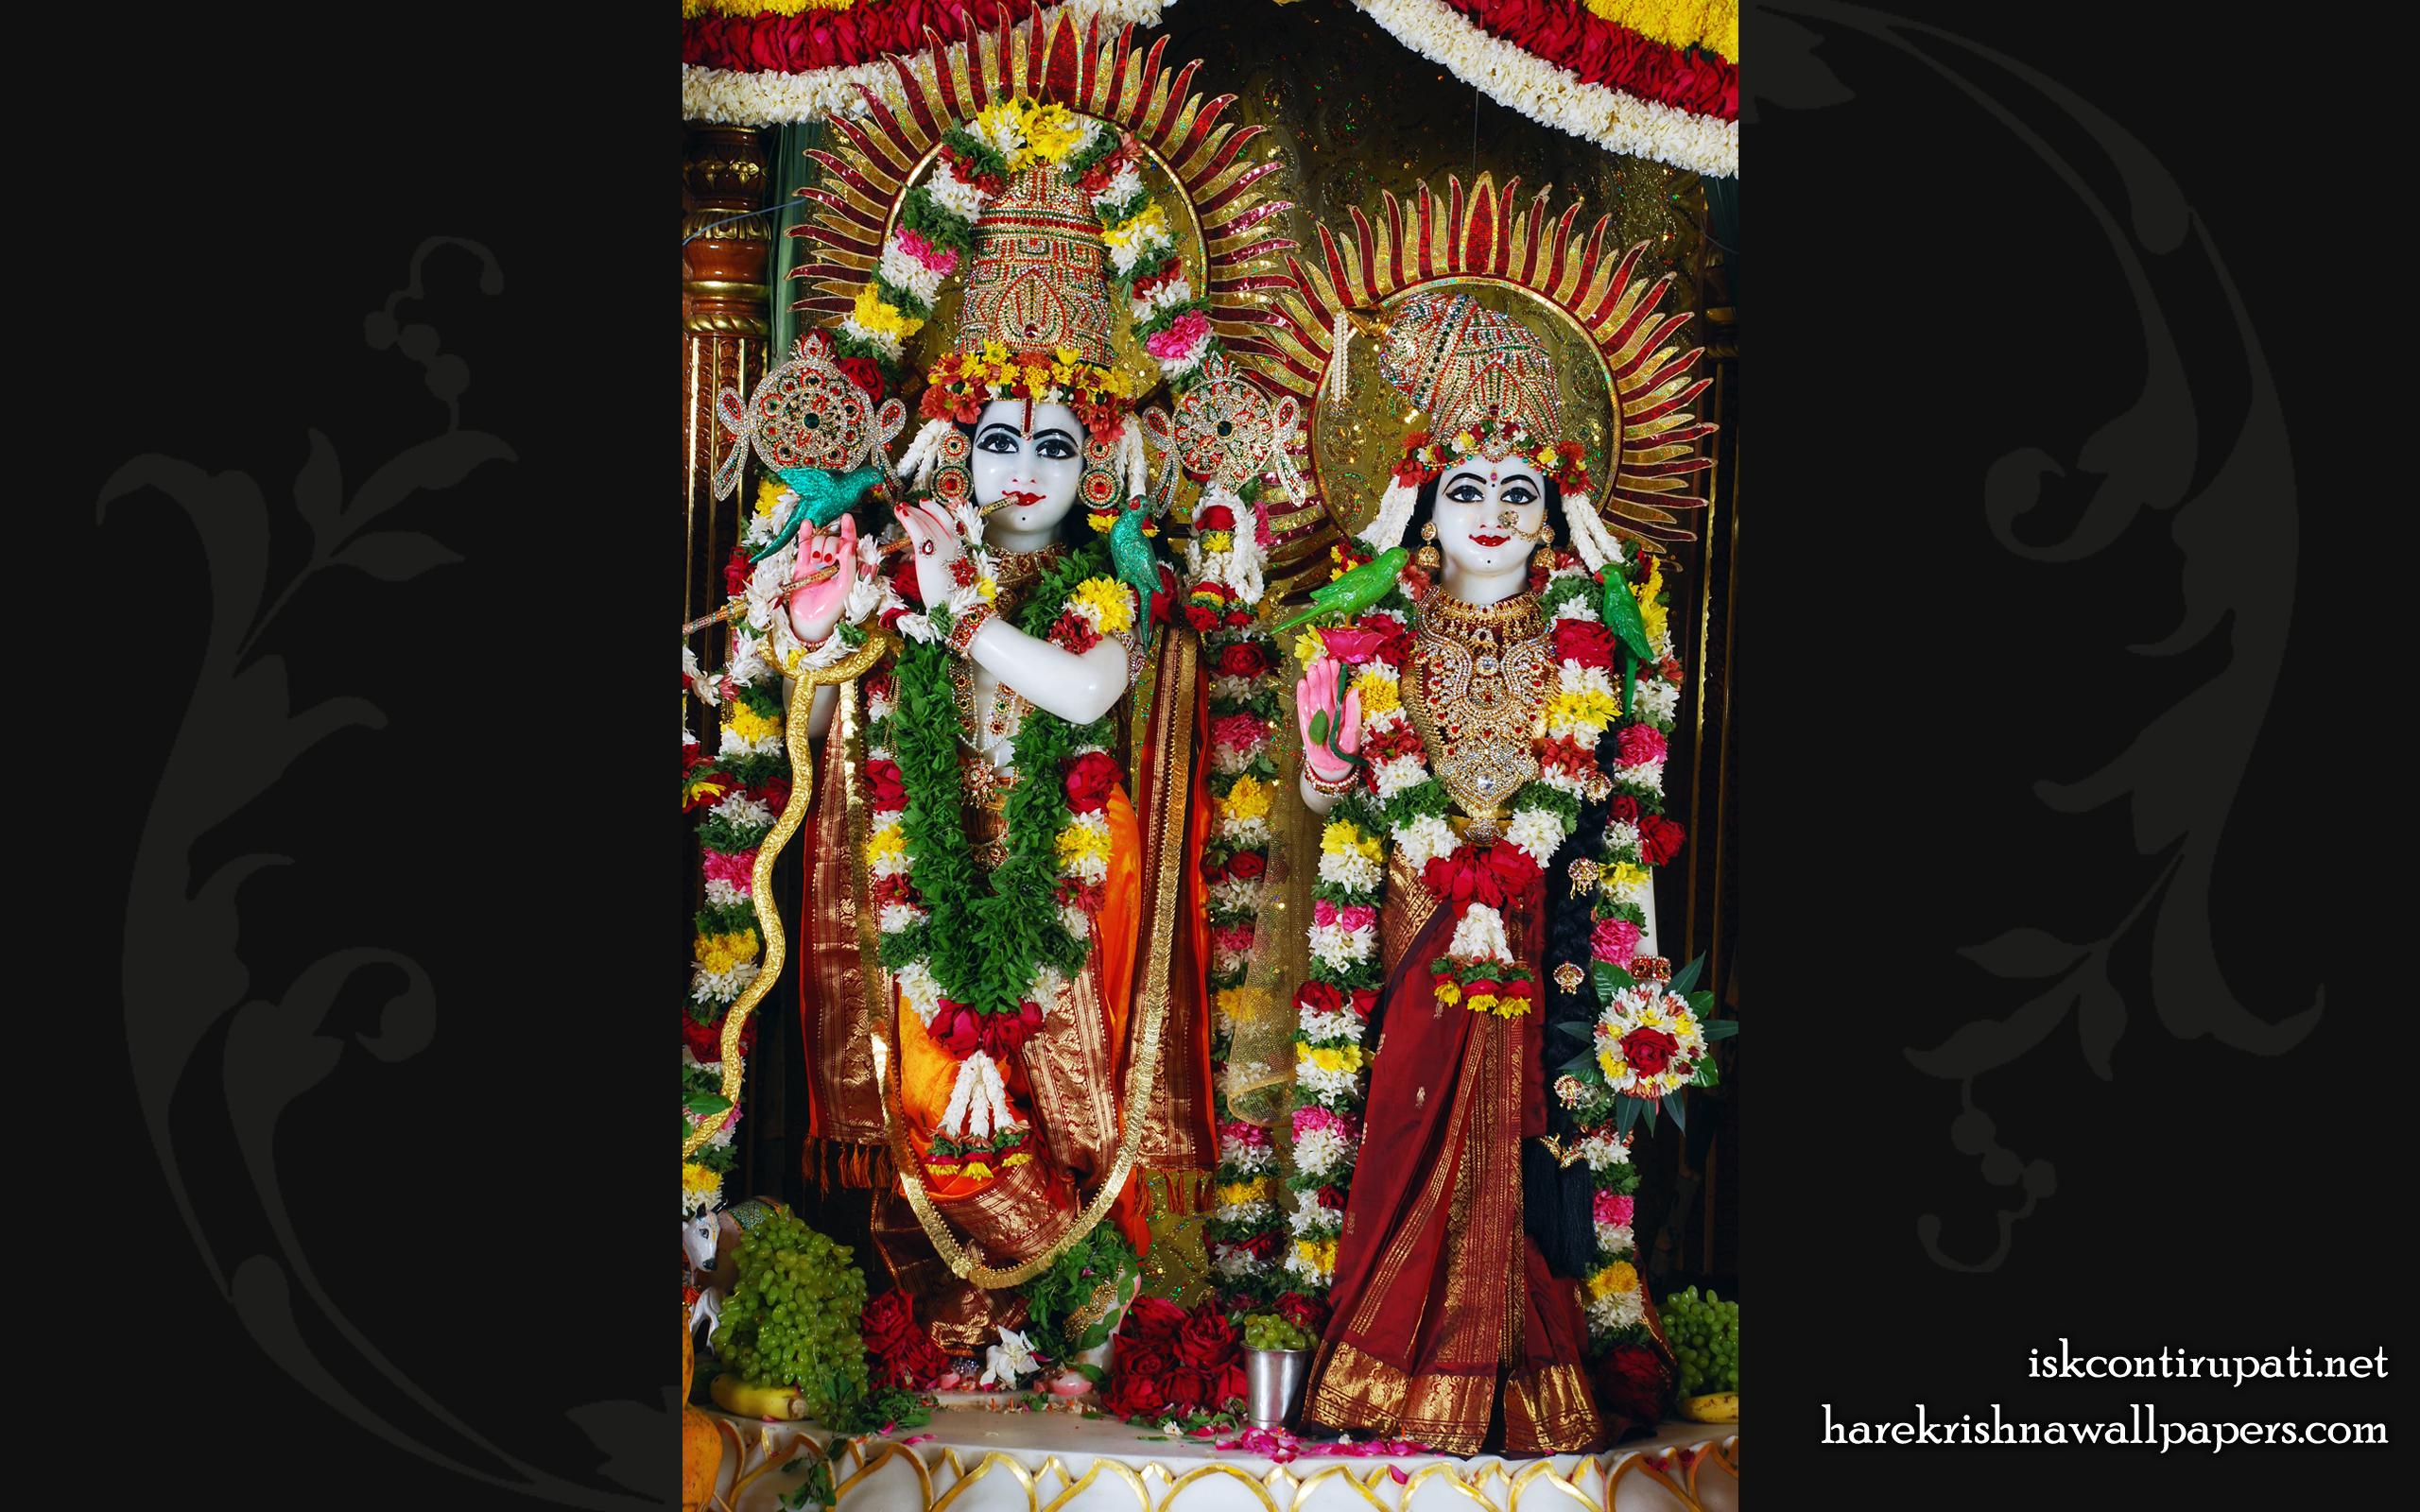 Sri Sri Radha Govinda Wallpaper (002) Size 2560x1600 Download